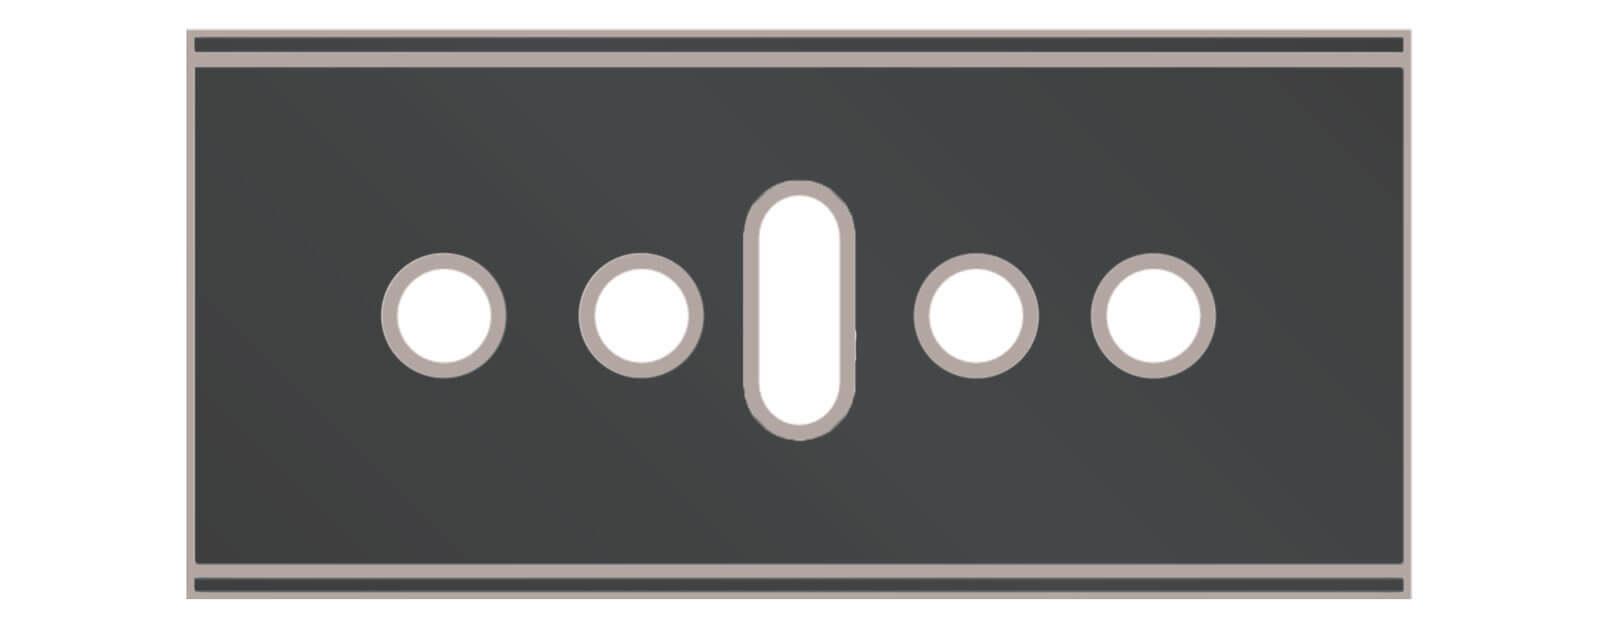 K081-Rechteckklinge-Sicherheitsmesser-mini-und-Handy_1600